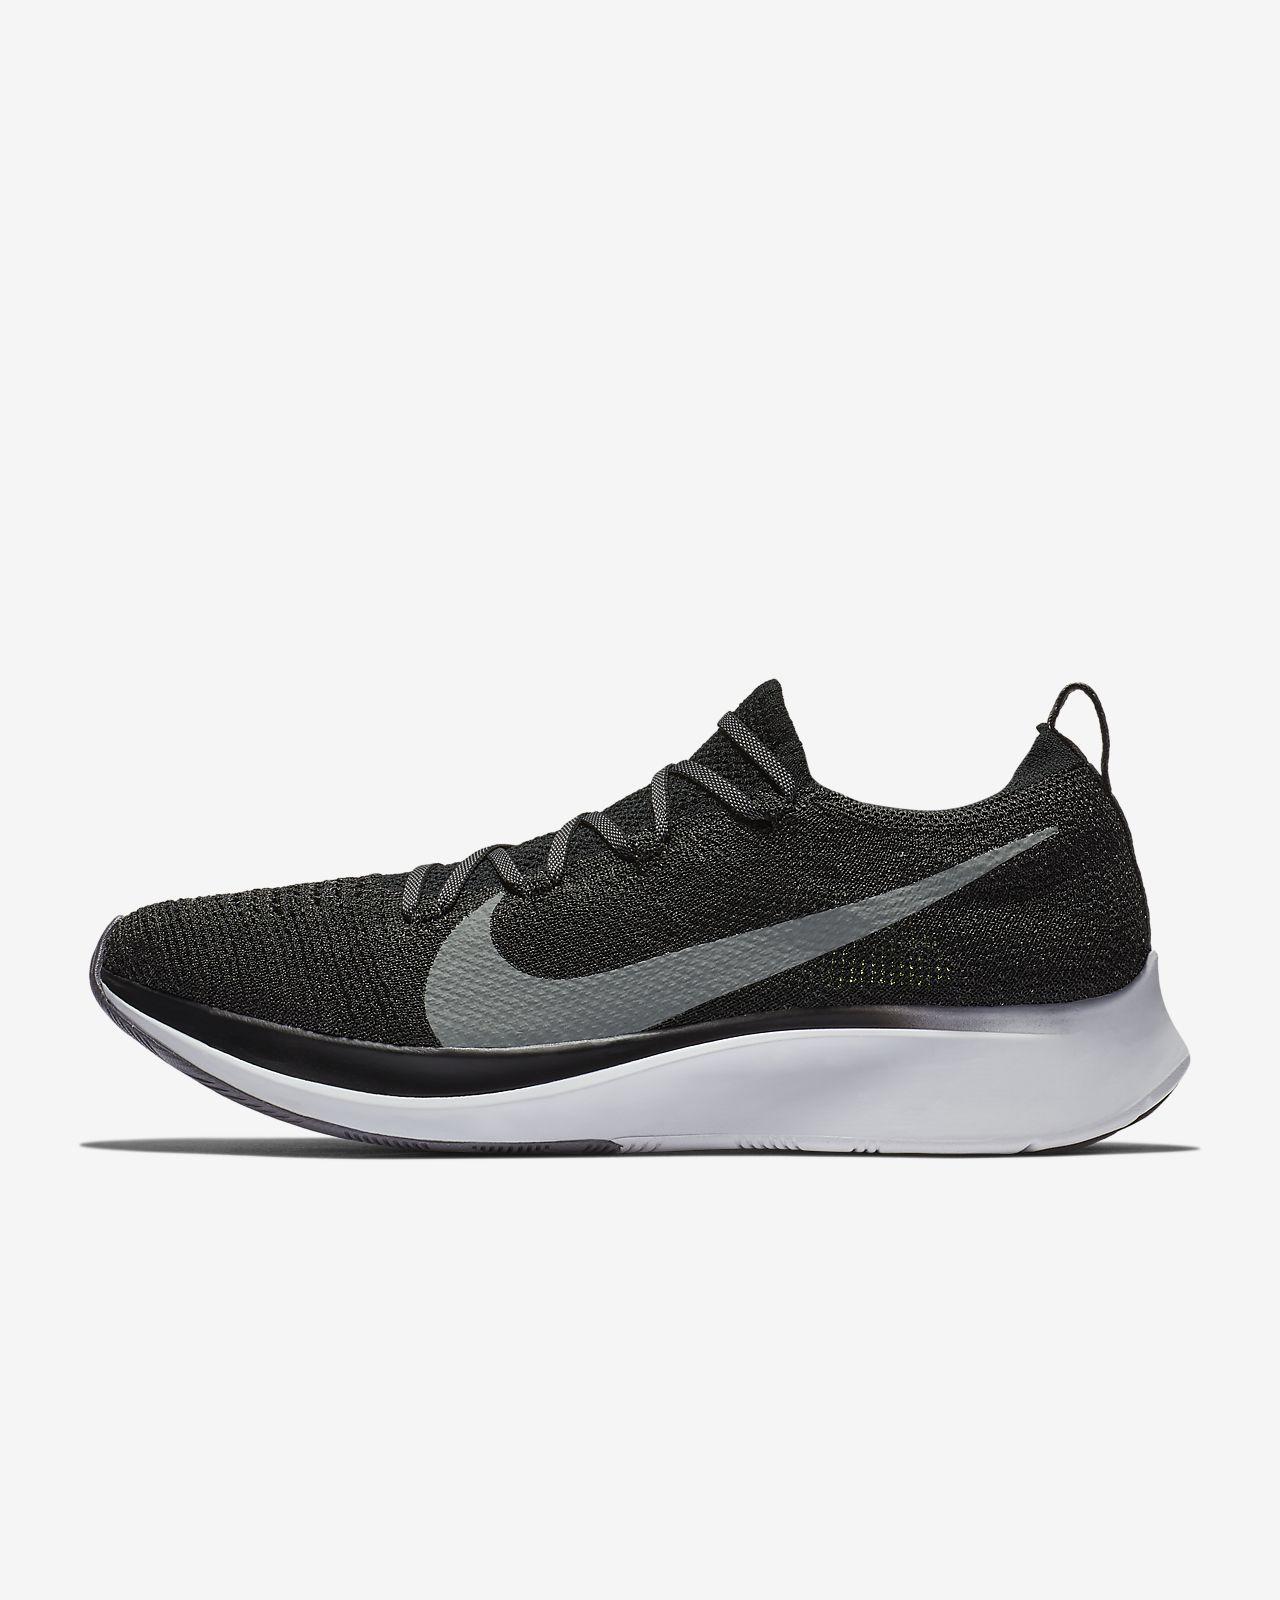 Nike Zoom Fly Flyknit Herren-Laufschuh